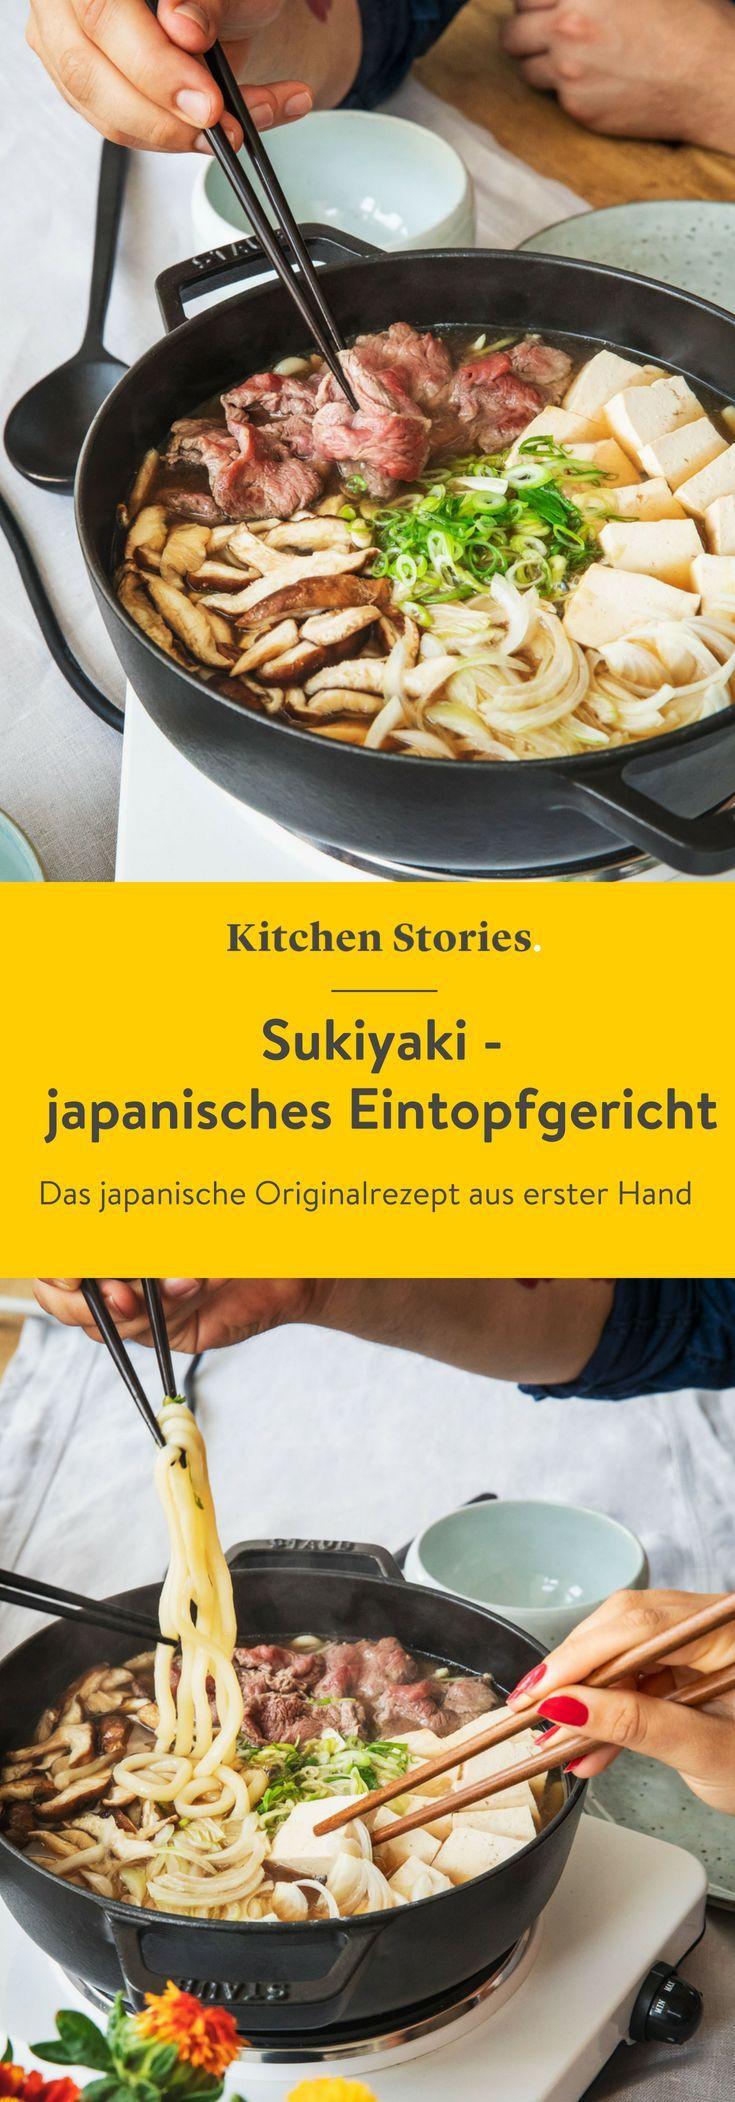 Sukiyaki (Japanisches Eintopfgericht) | Rezept | Kitchen Stories